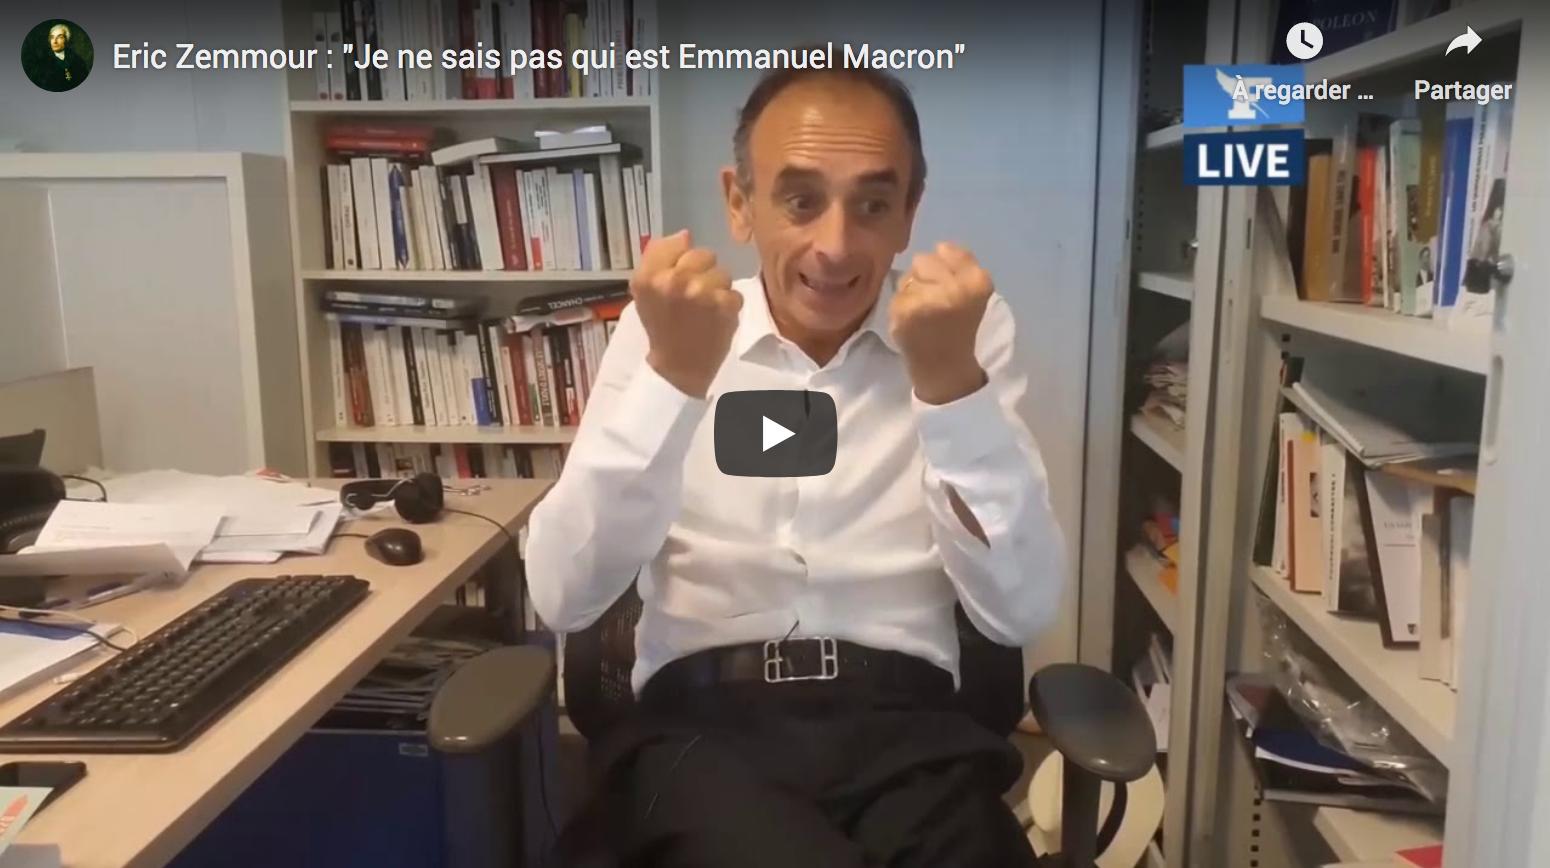 Éric Zemmour : « Éric Dupond-Moretti et Gérard Darmanin héritent de coquilles vides ! »